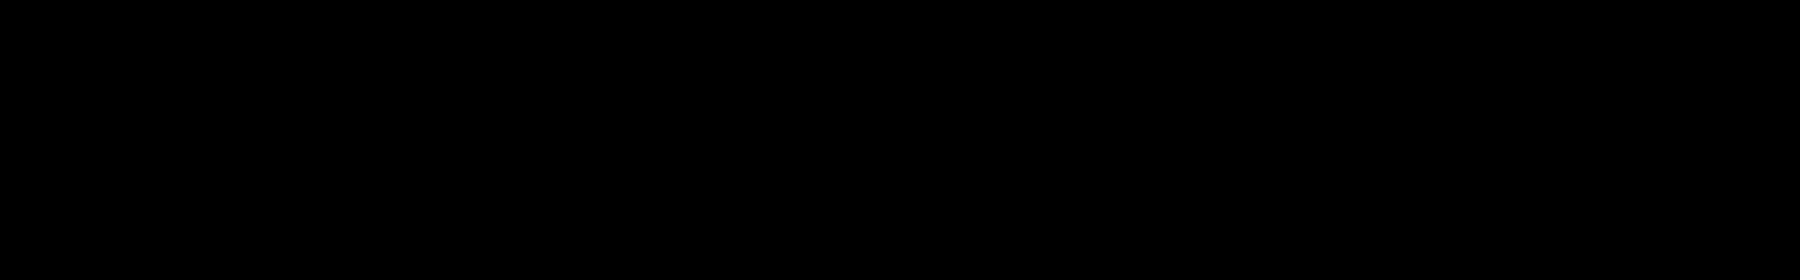 Traptor audio waveform